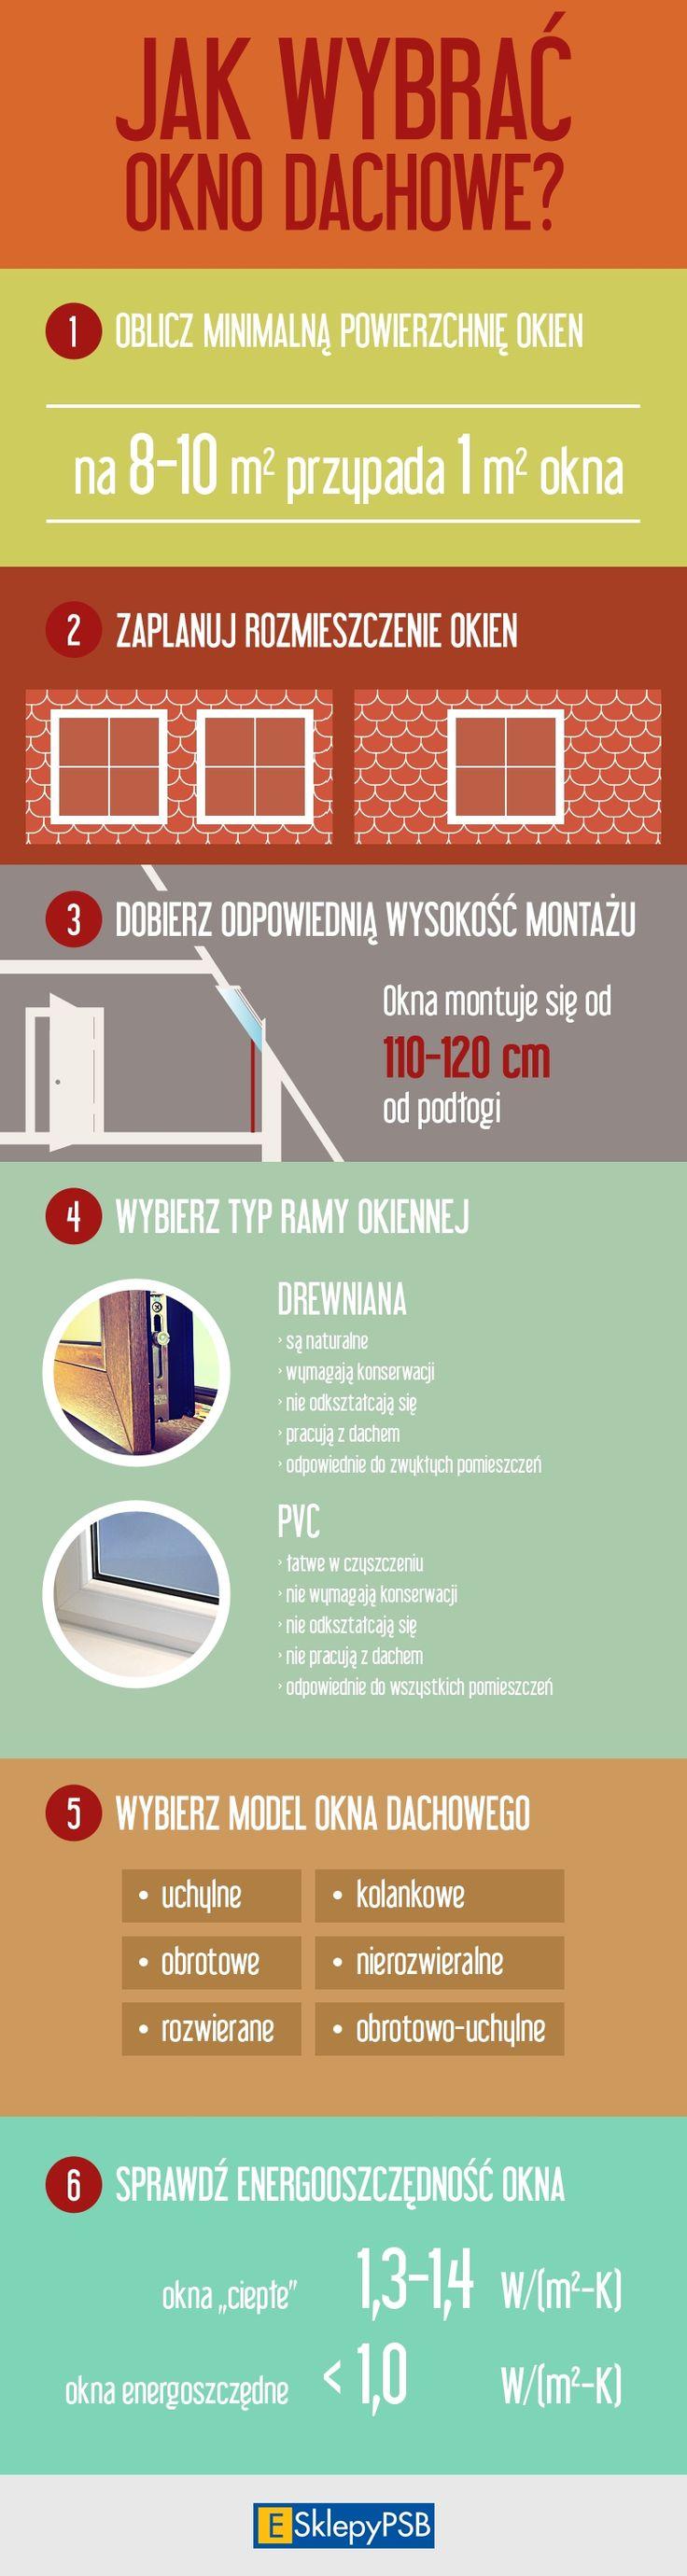 Okna dachowe – jak nie popełnić błędu podczas zakupu okien